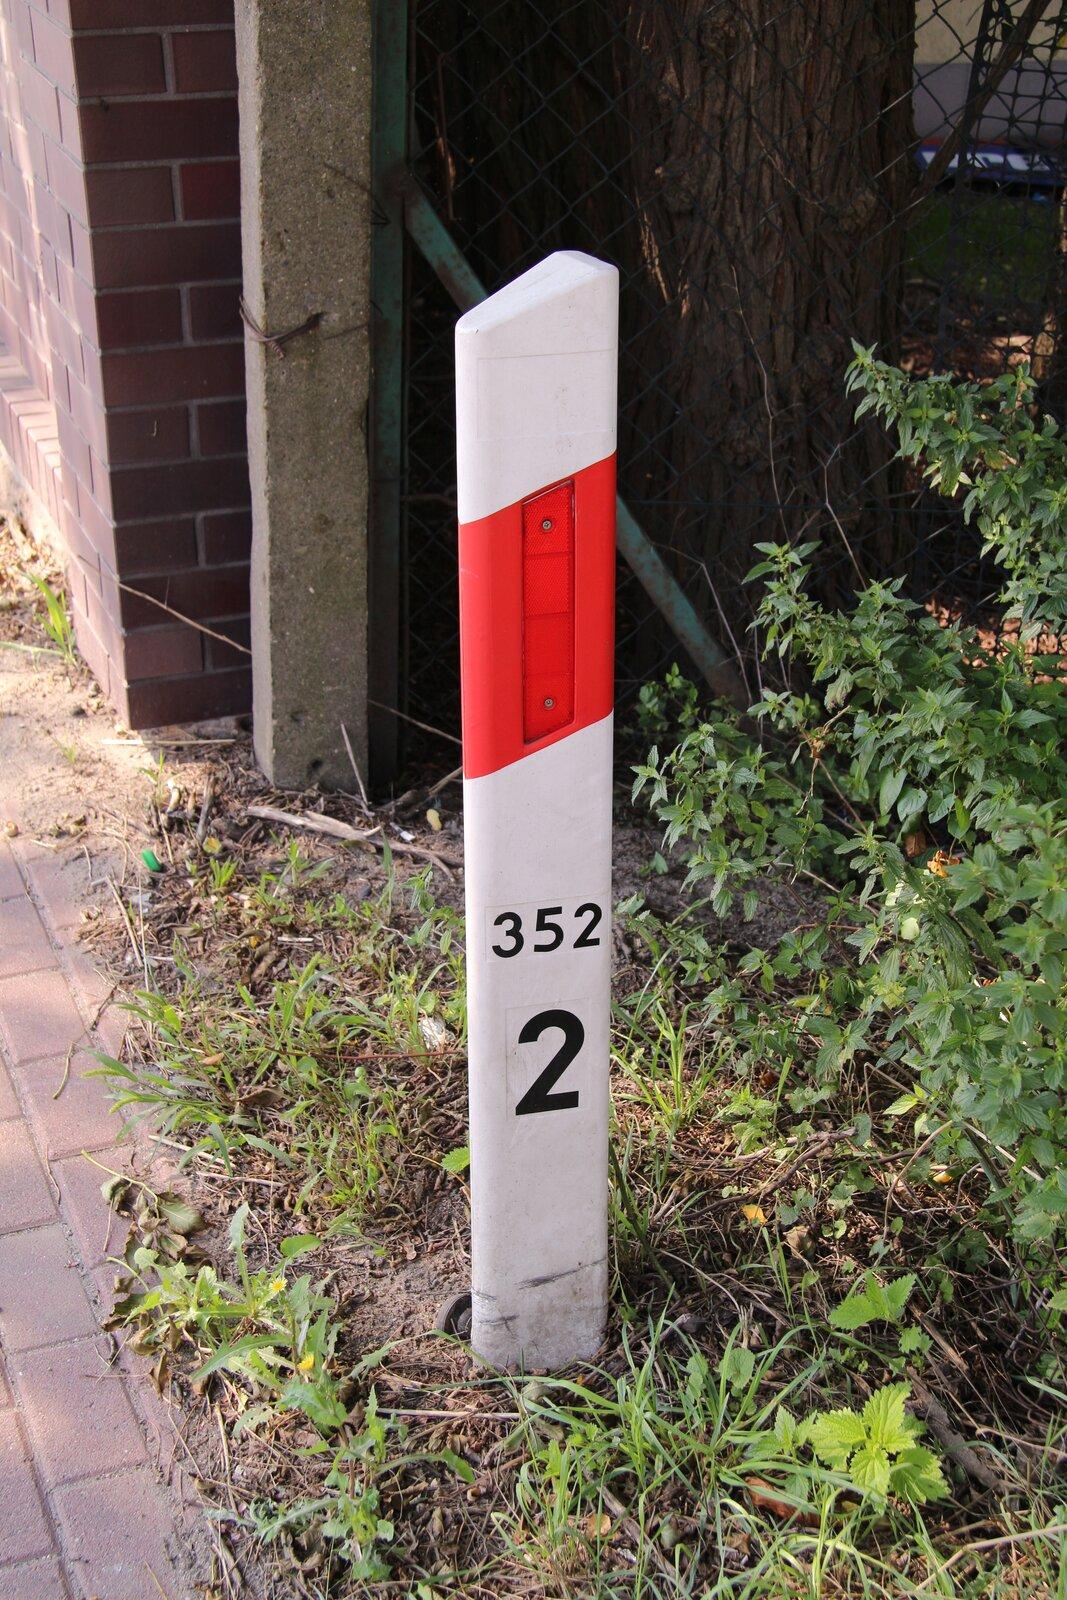 Fotografia przedstawia biało-czerwony słupek przydrożny, na którym umieszczono liczby oznaczające odległości.